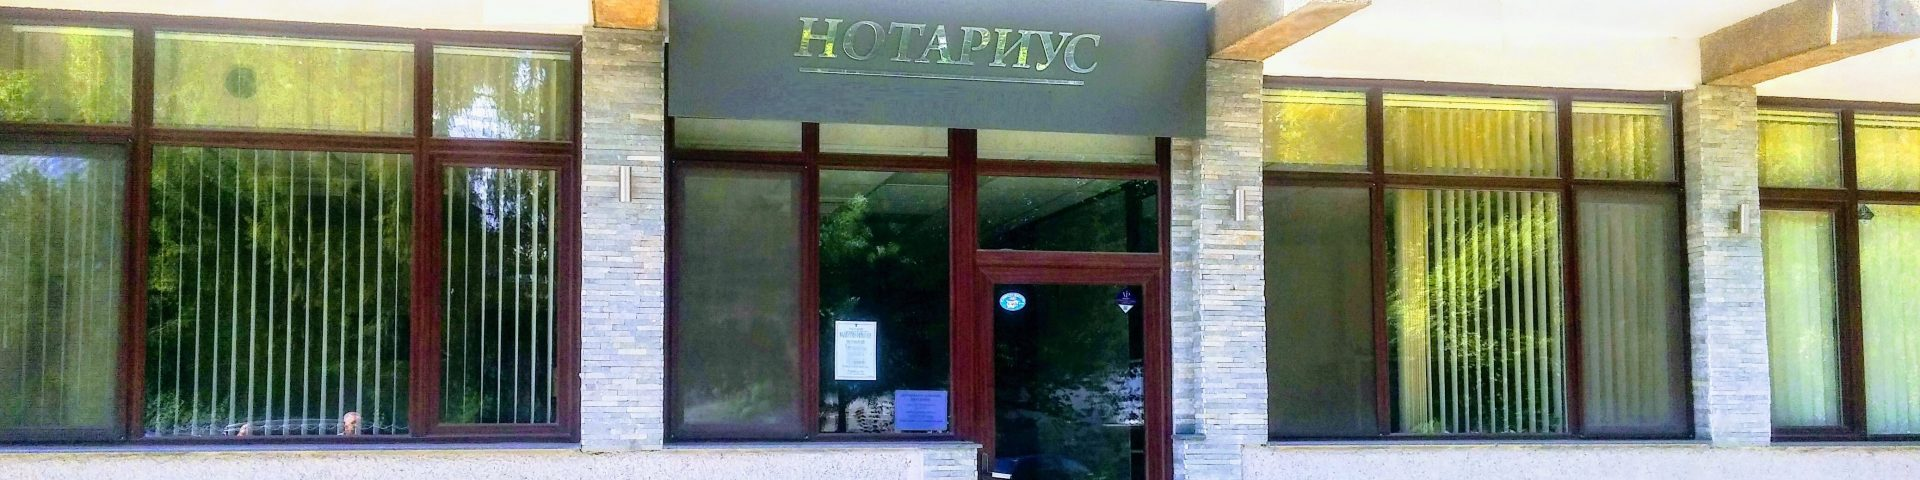 Нотариус_продать недвижимость в Болгарии